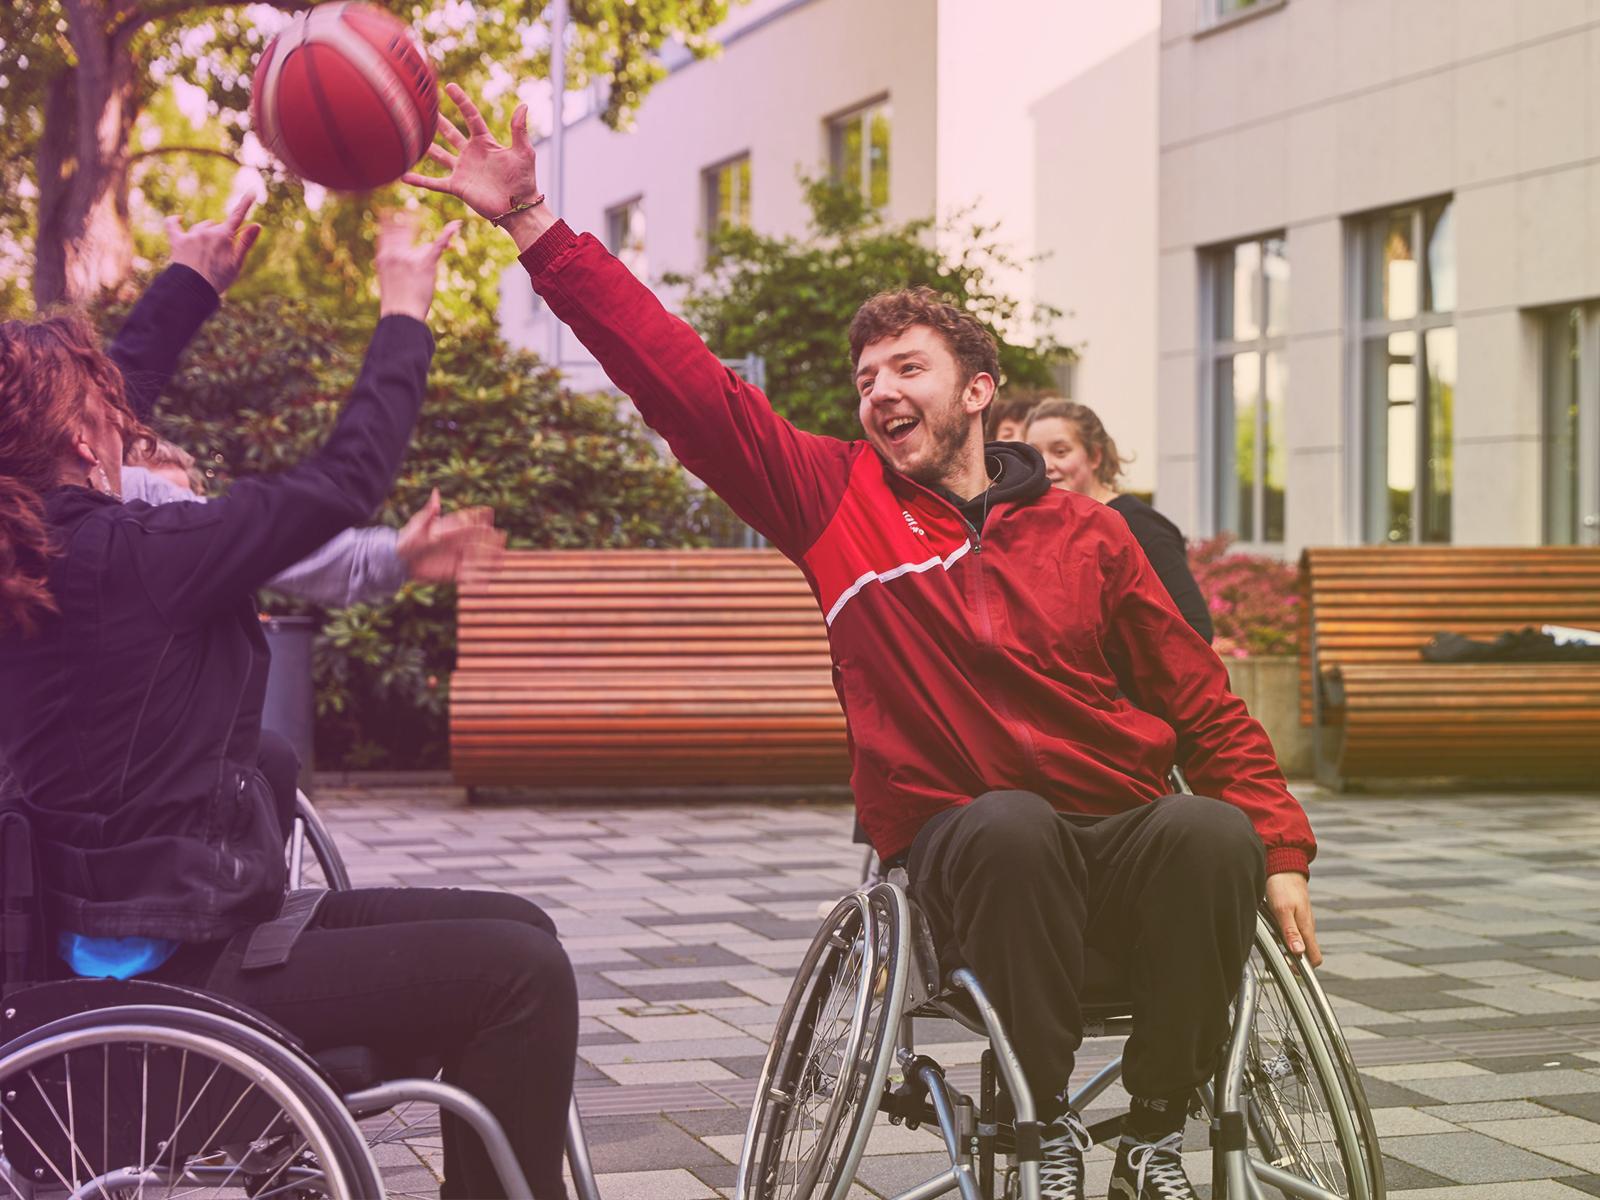 Das Bild zeigt zwei Personen im Rollstuhl, die mit einem Basketball spielen